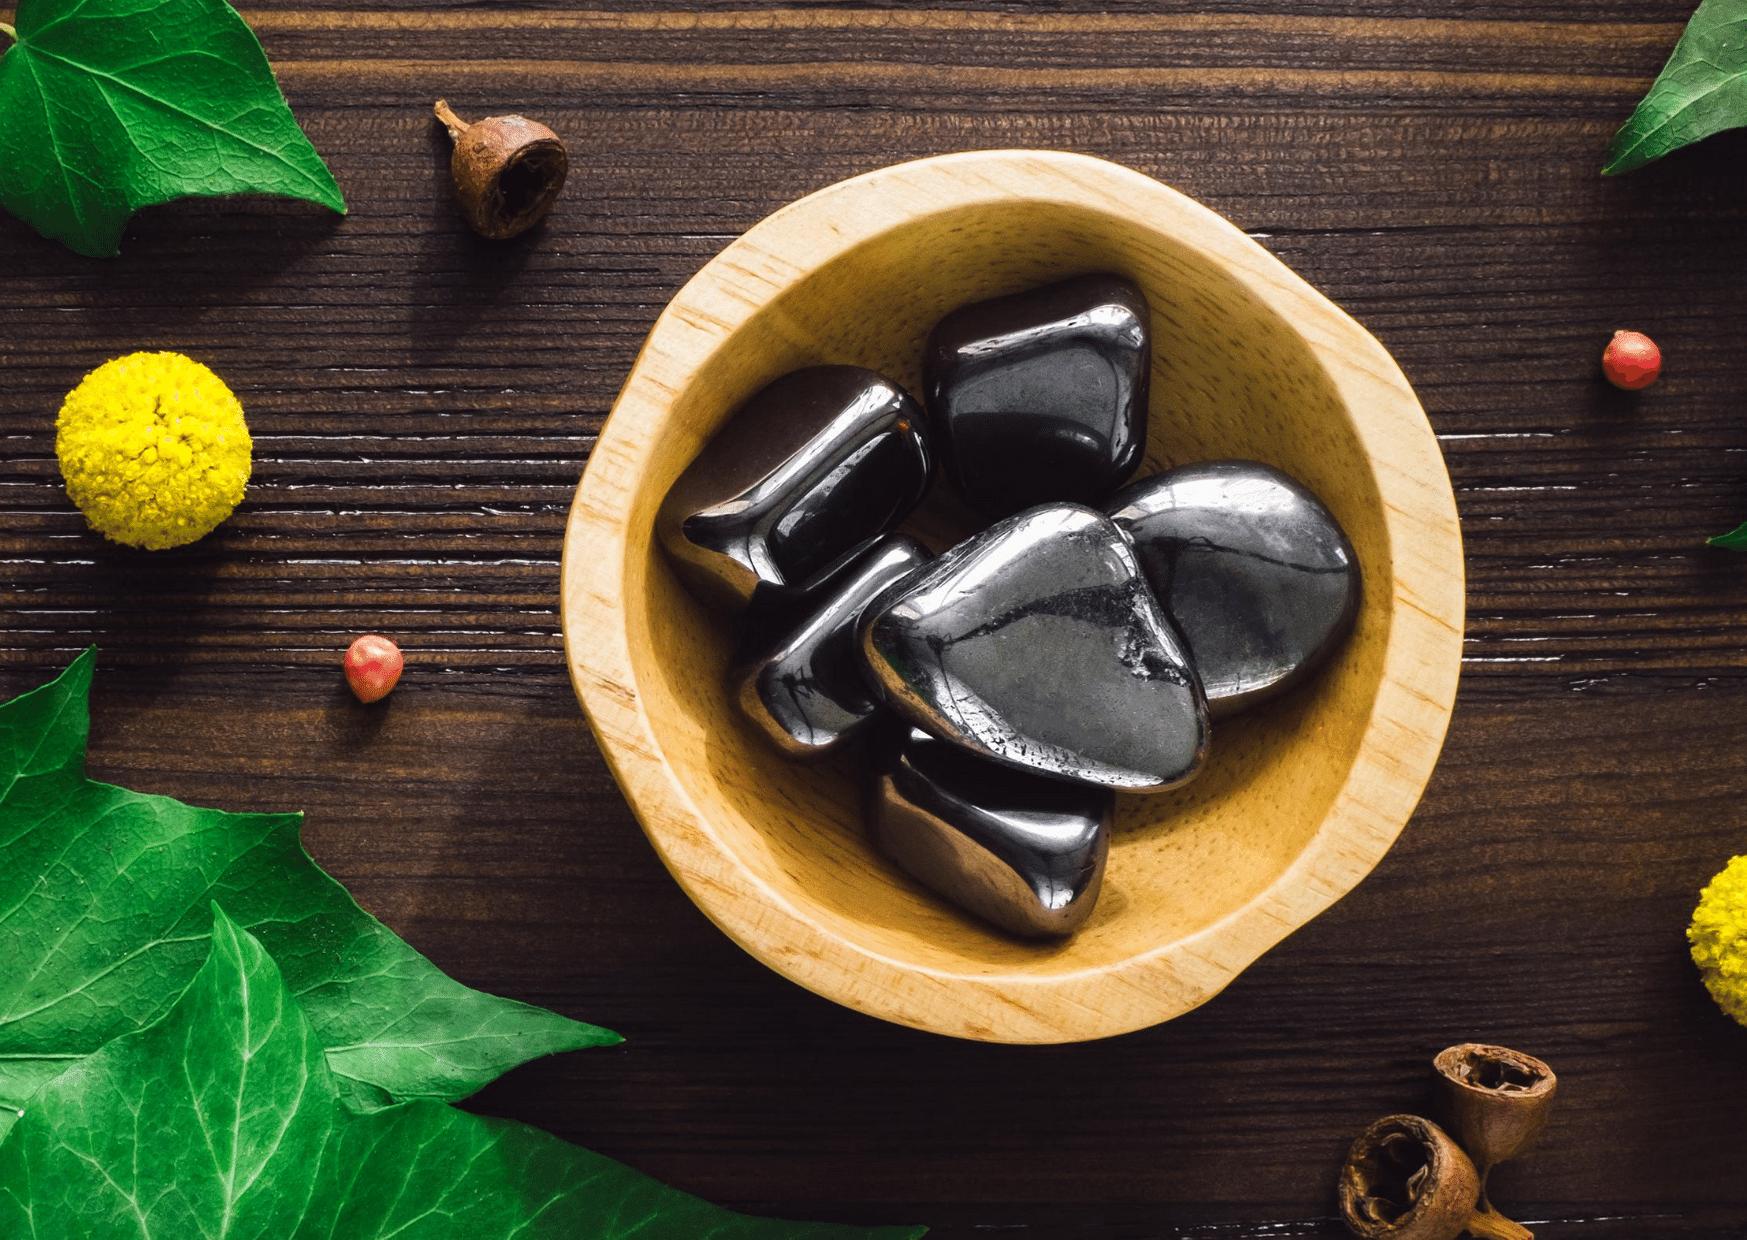 pierres hématite dans bol marron entouré de feuilles